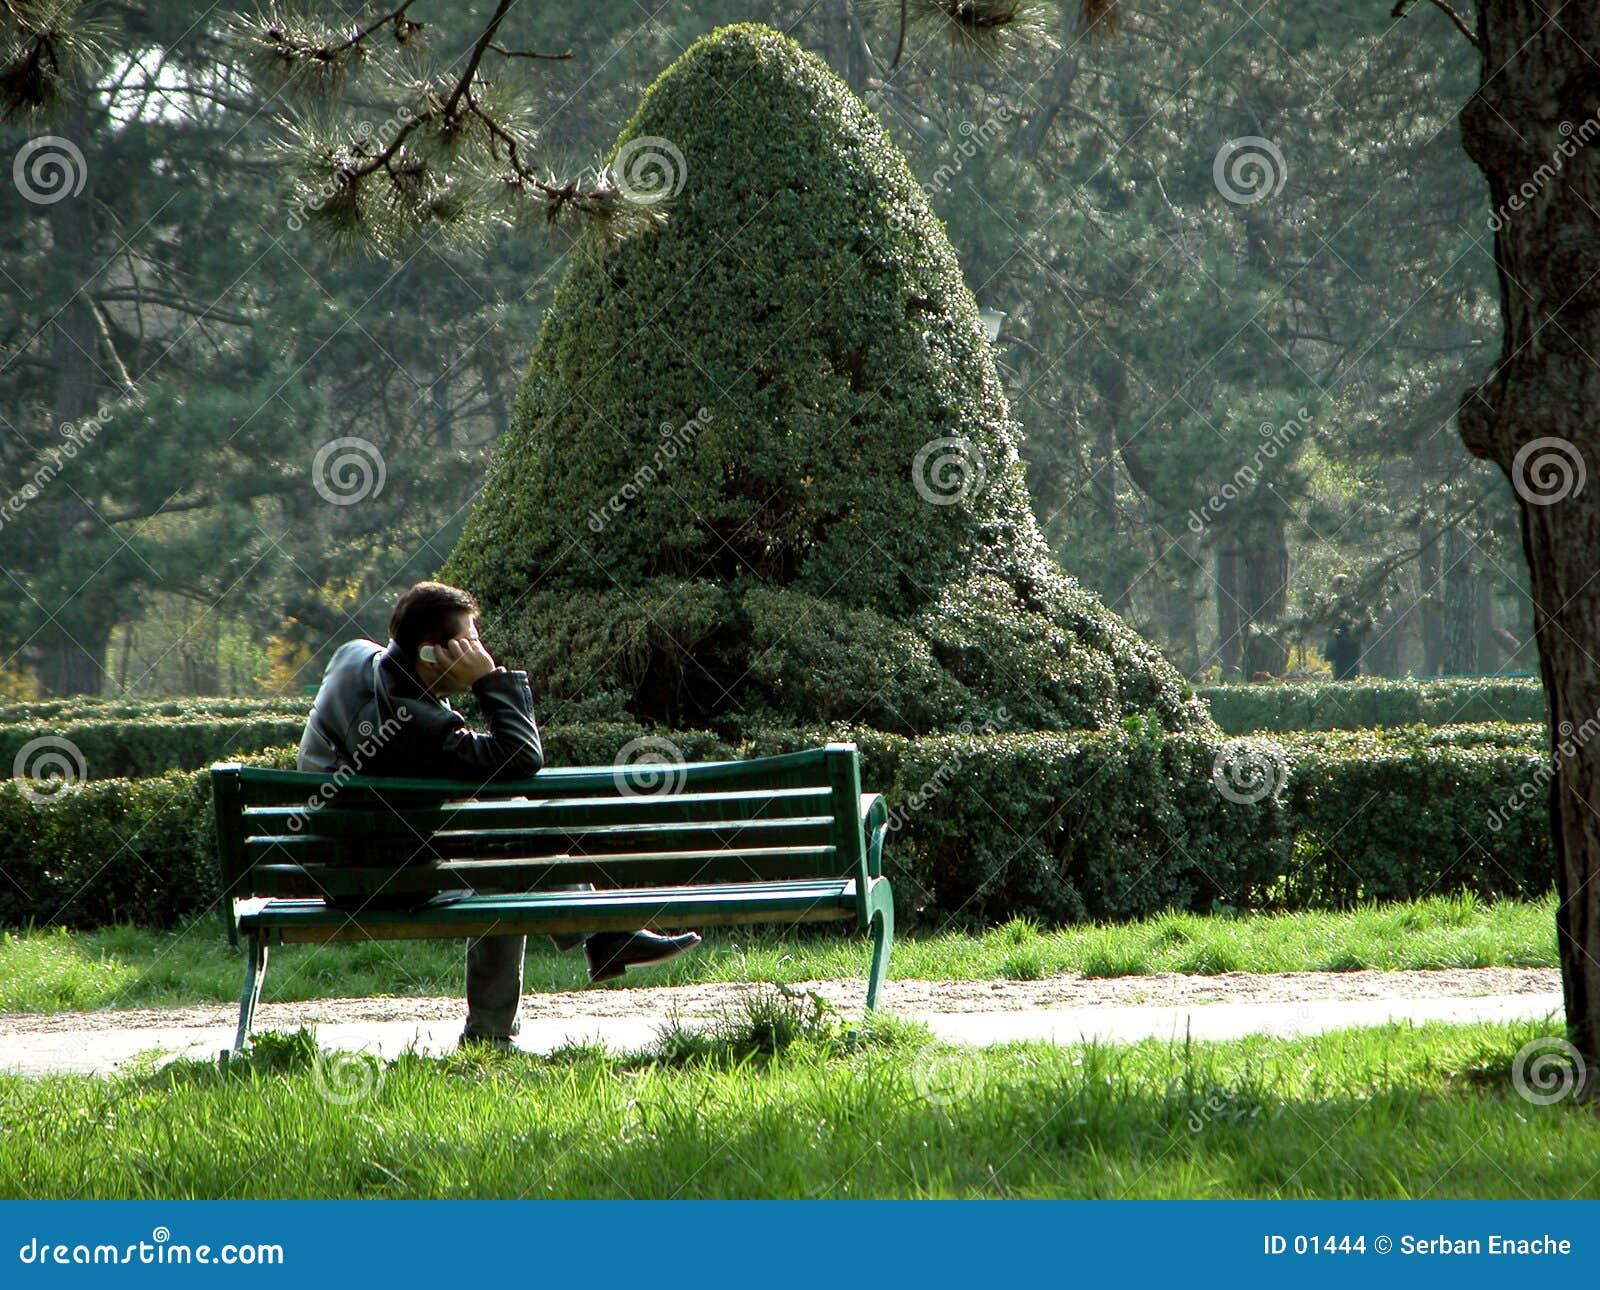 Solamente en el parque